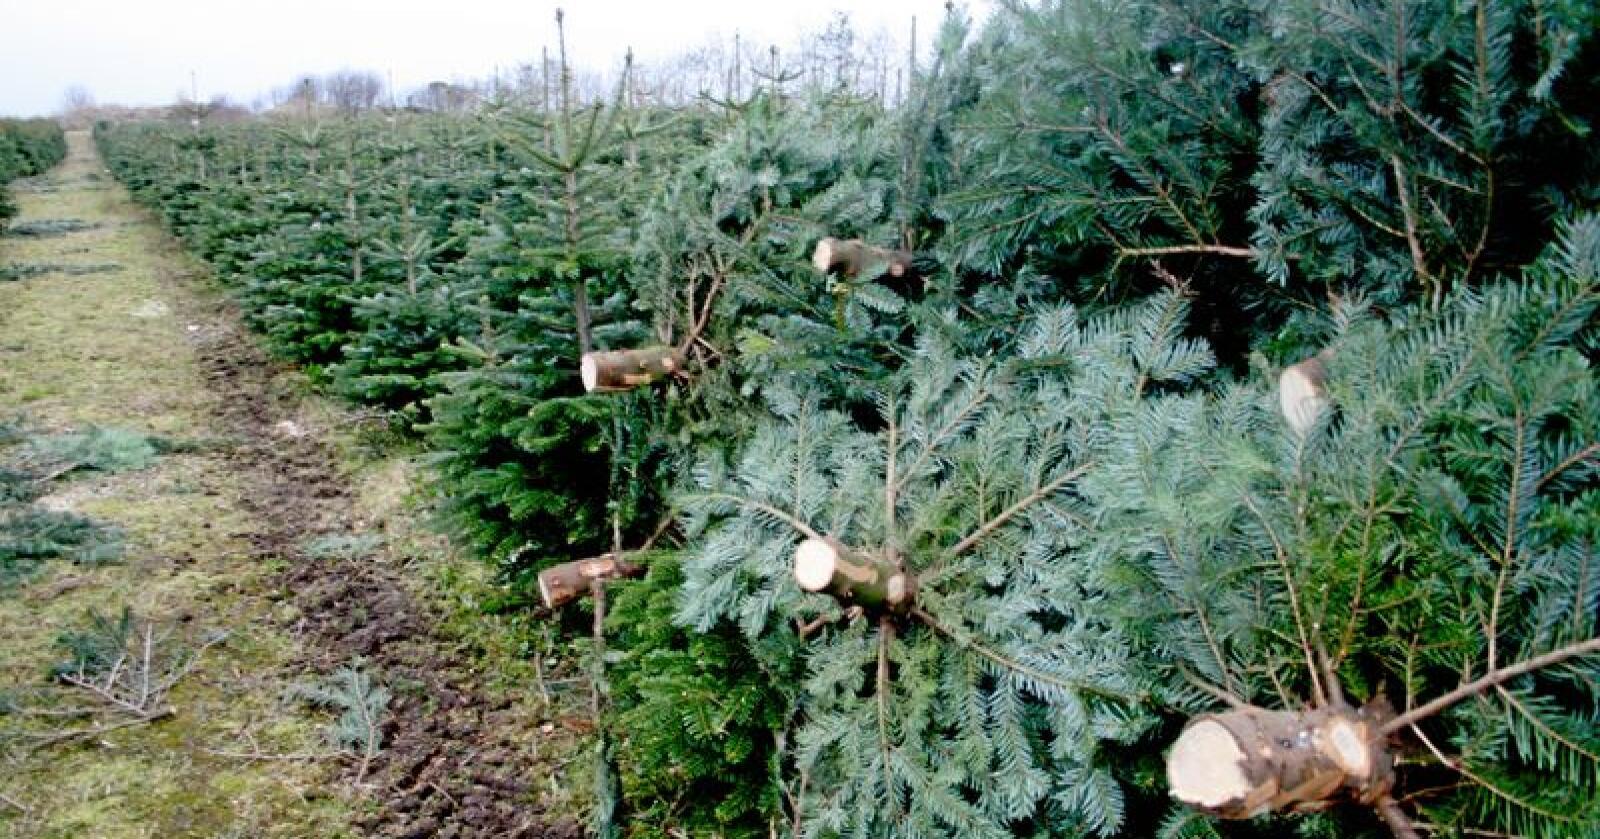 Små produsenter av juletrær må dumpe prisene for å matche butikkene. Foto: Bjarne Bekkeheien Aase